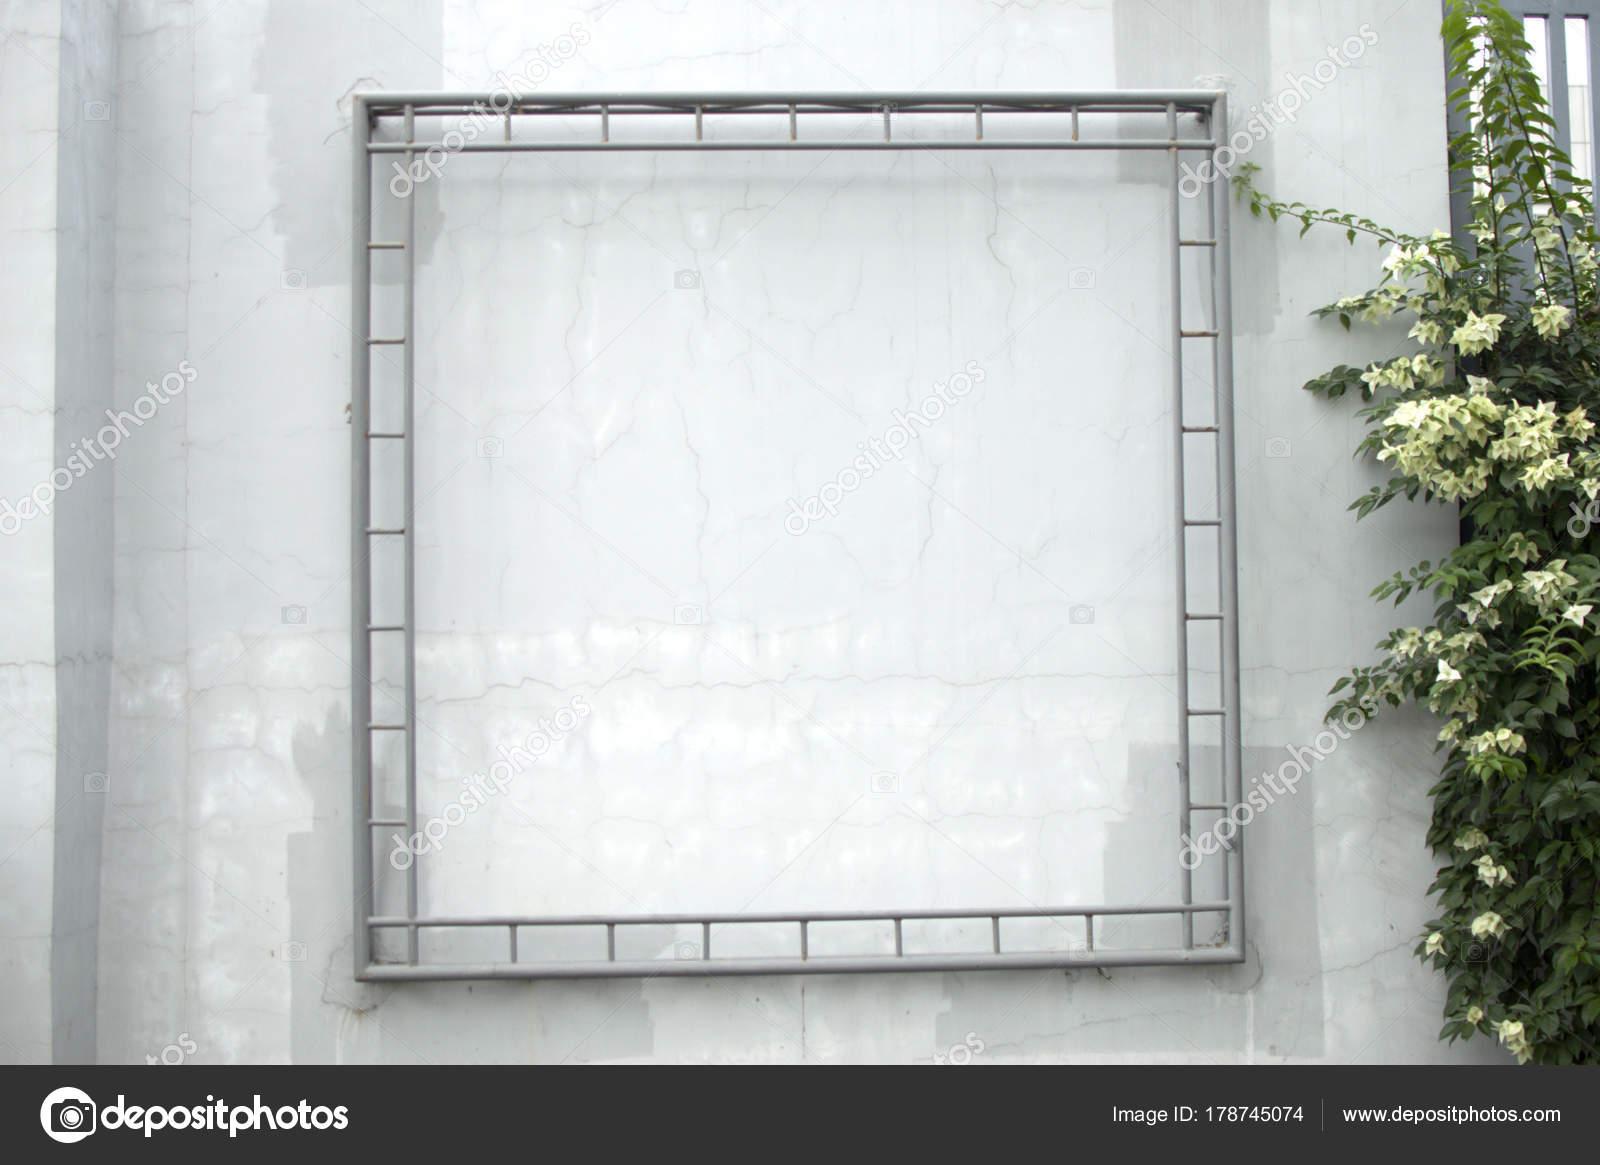 Marco Metal Blanco Contra Muro Hormigón Blanco — Fotos de Stock ...